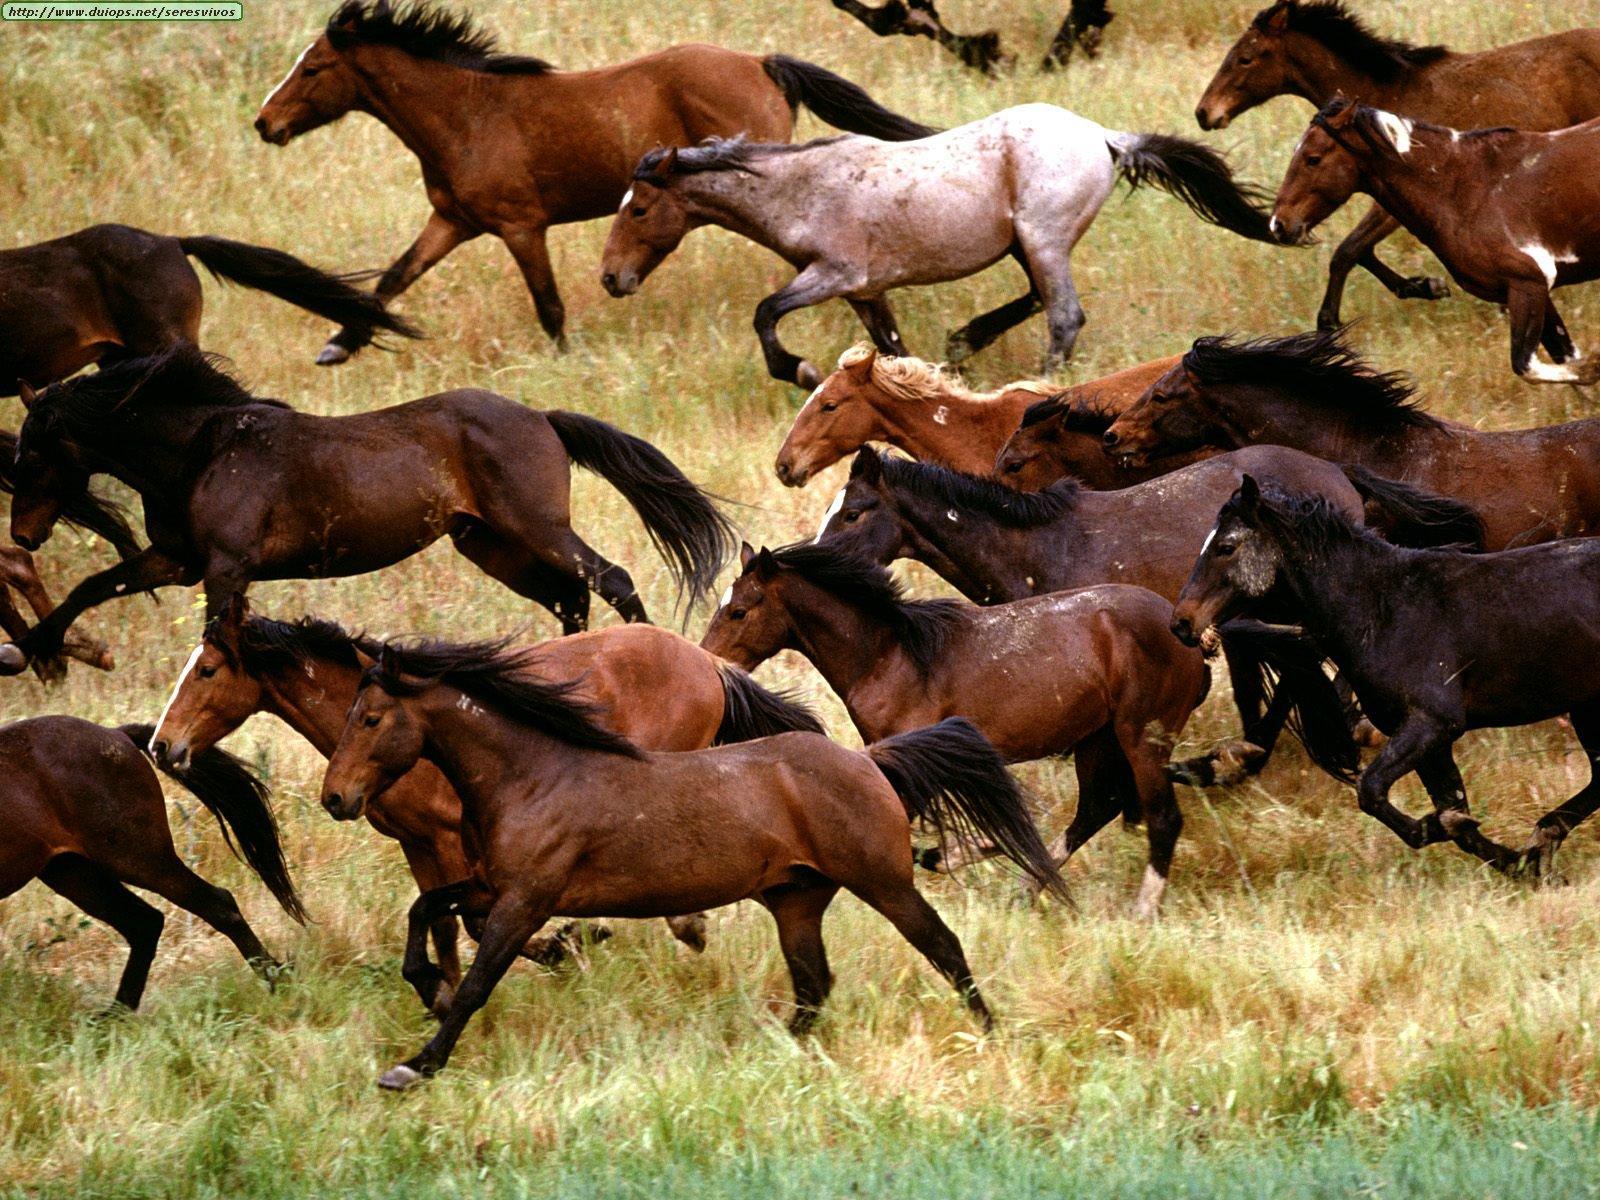 animals horse running free - photo #22